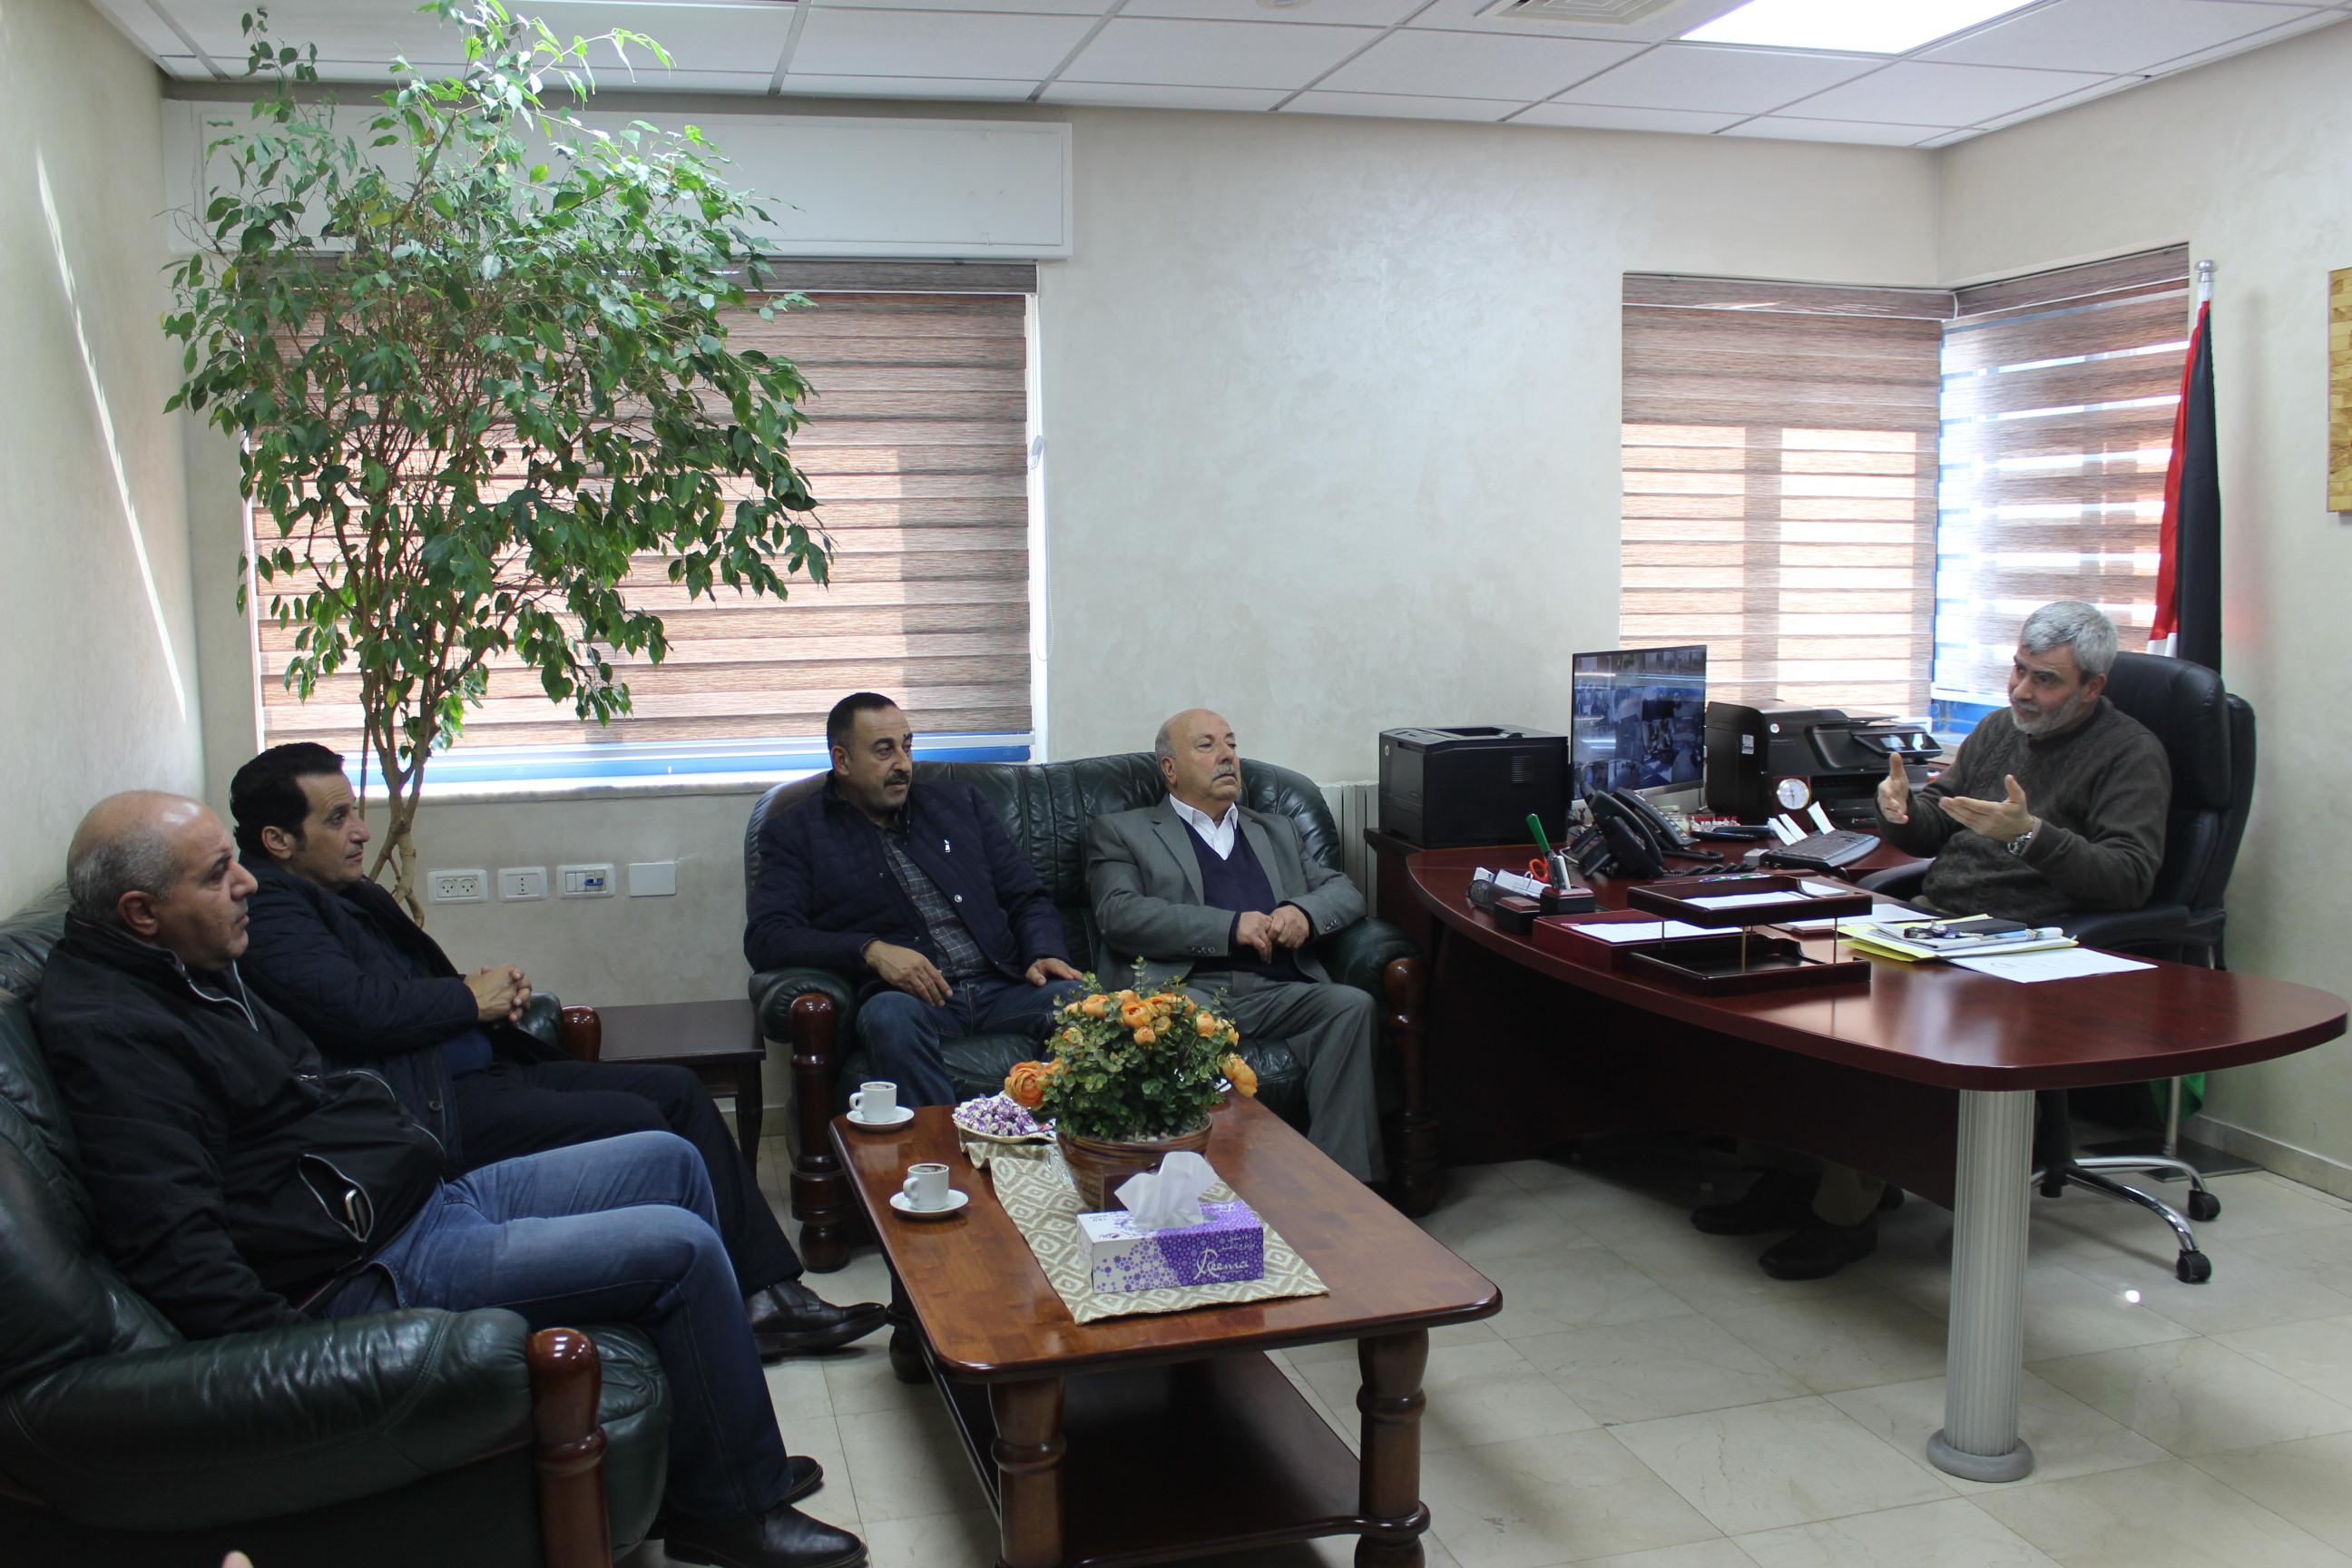 وفد من مديرية عمل محافظة رام الله والبيرة يزور مصلحة مياه محافظة القدس